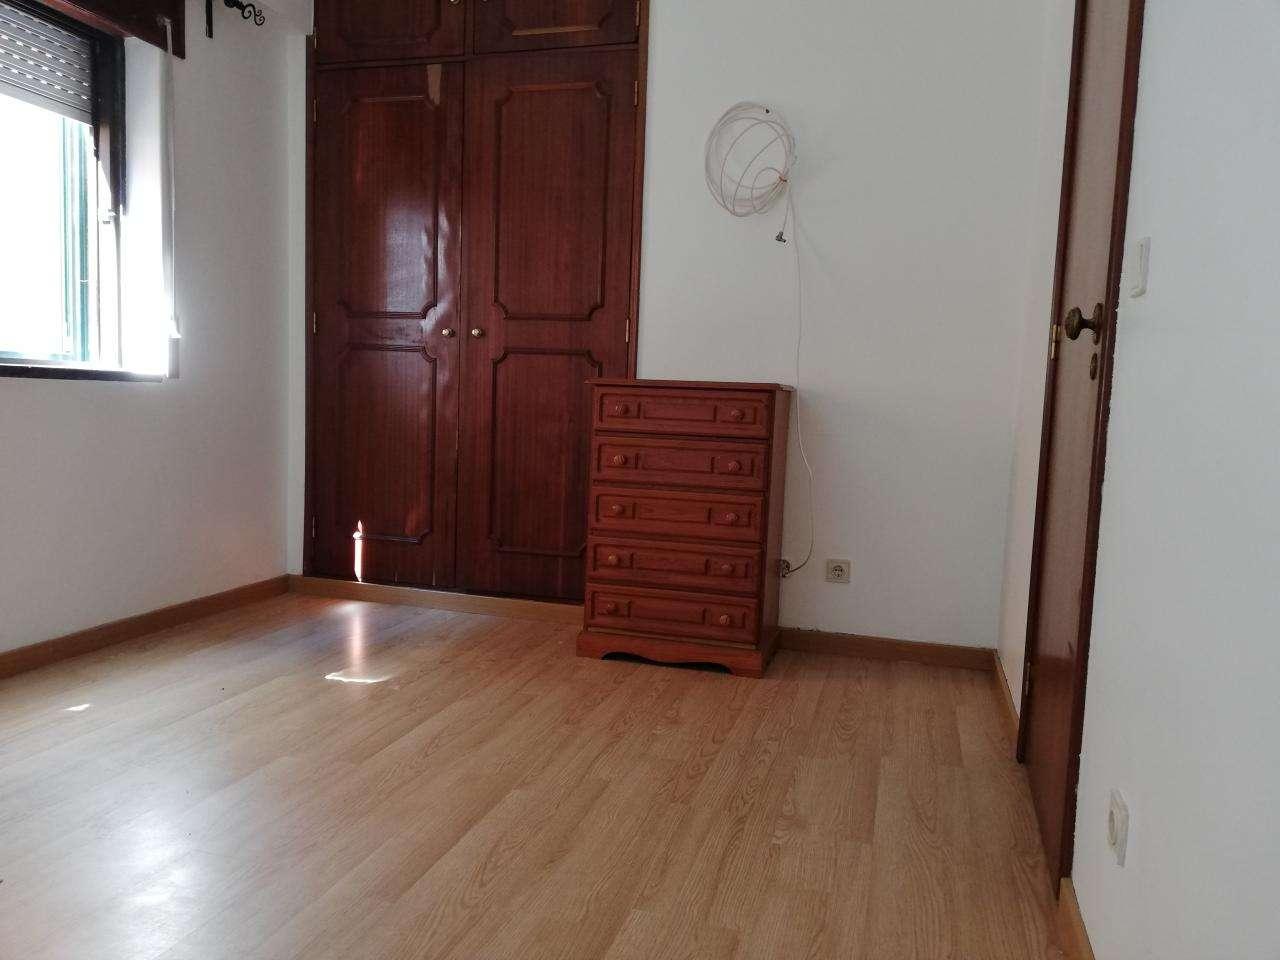 Apartamento para comprar, Quinta do Conde, Sesimbra, Setúbal - Foto 7